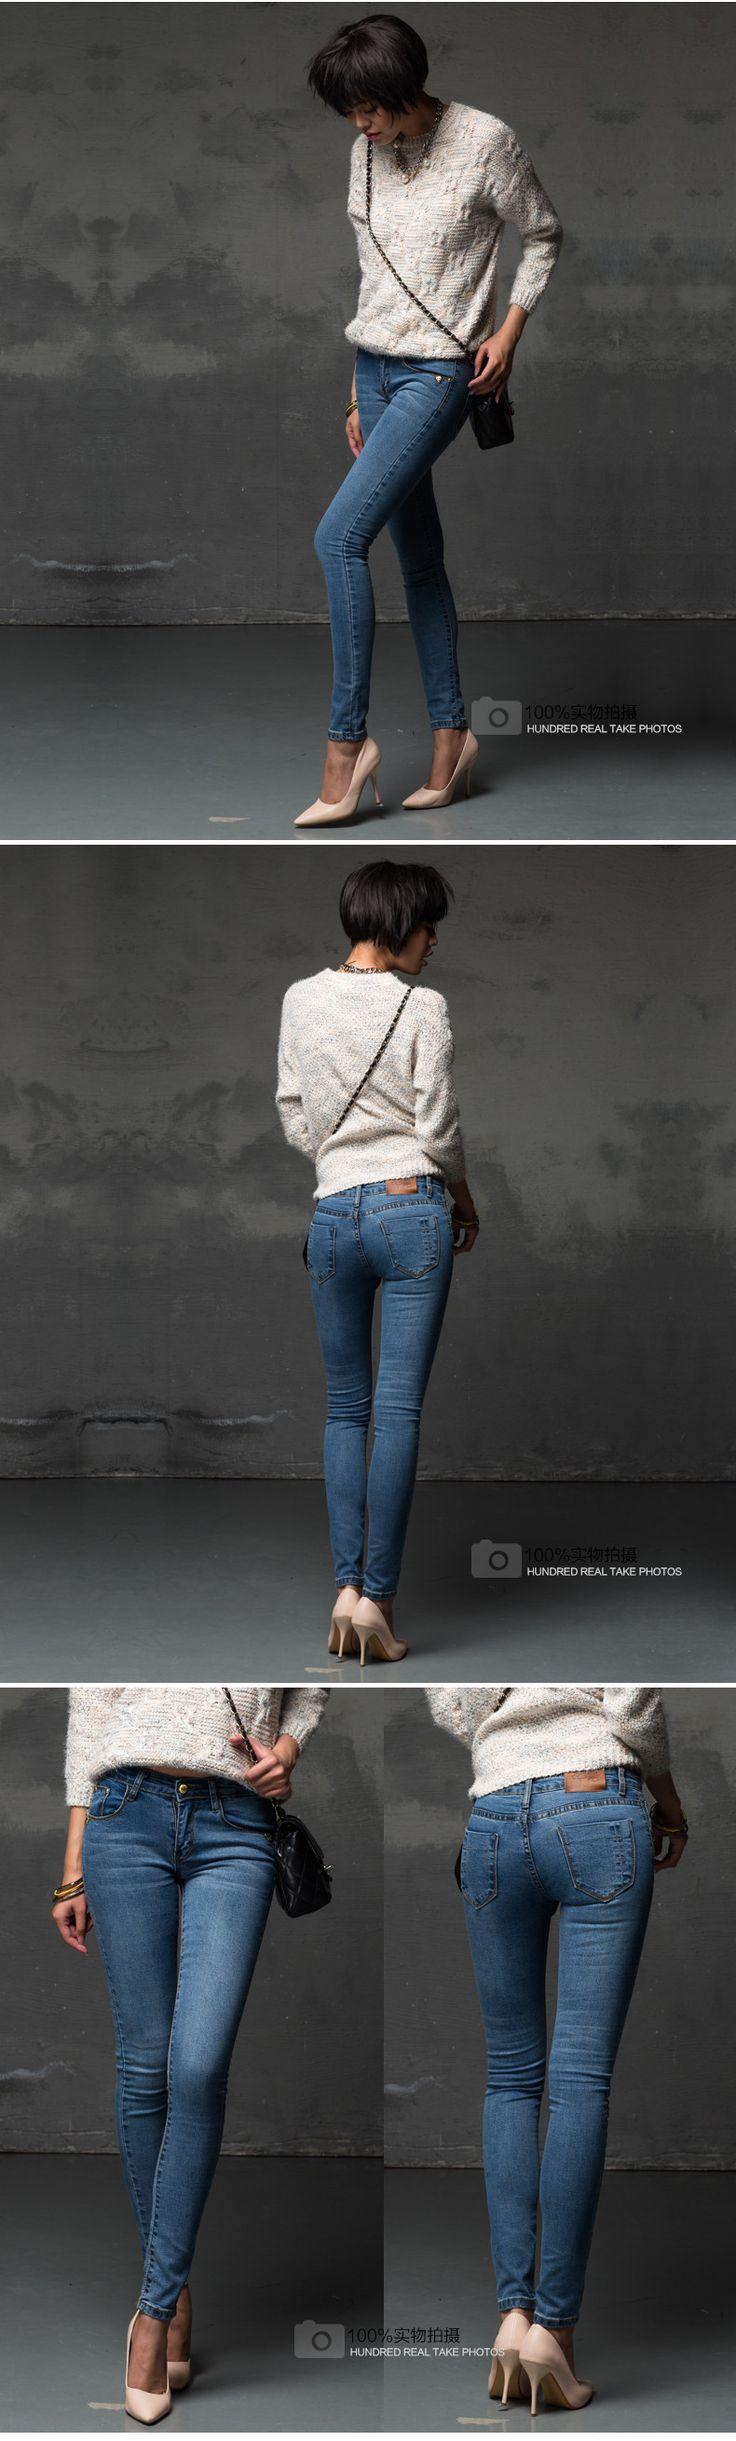 Мода высокой талией джинсы женщина брюки 2015 новый омывается узкие джинсы отбеленными брюки синий Большой размер S 4XL джинсы женщин купить на AliExpress